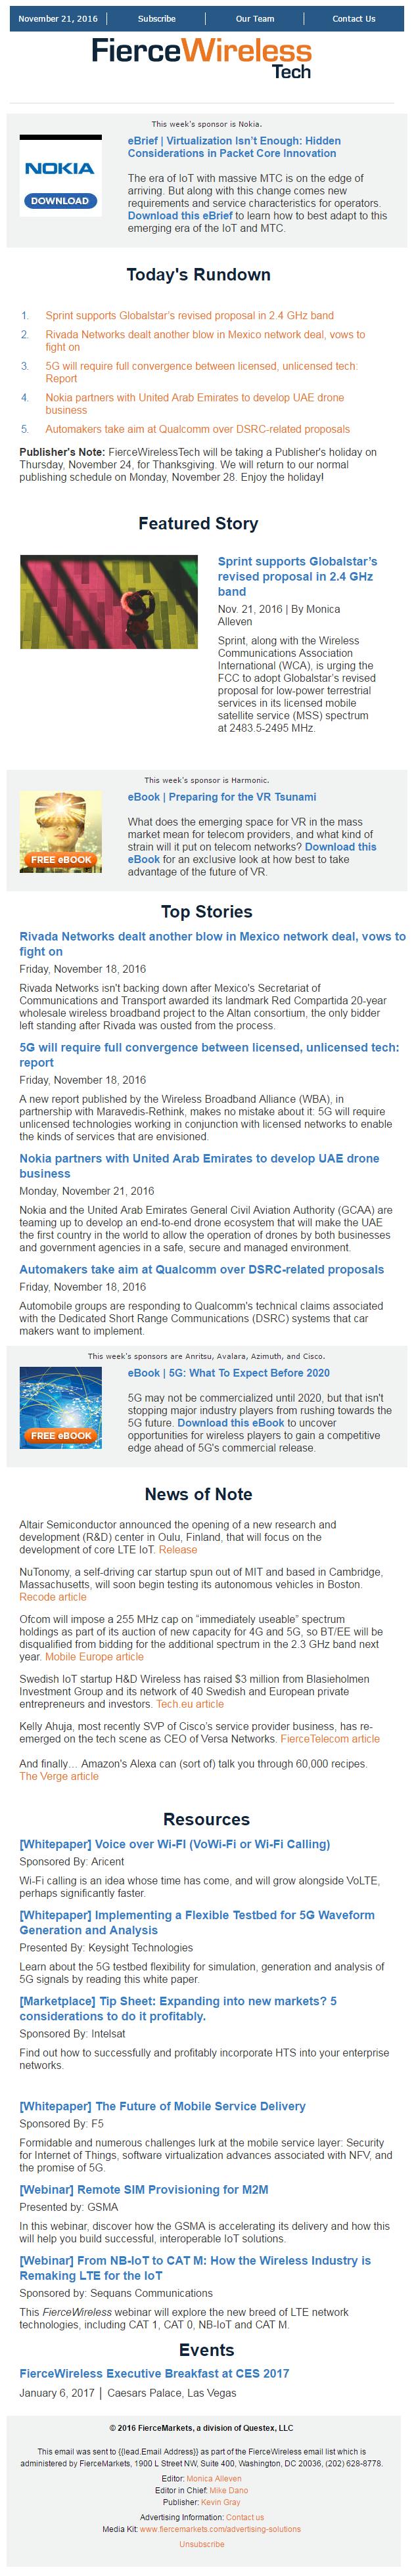 fiercewireless tech newsletter sample pdf download